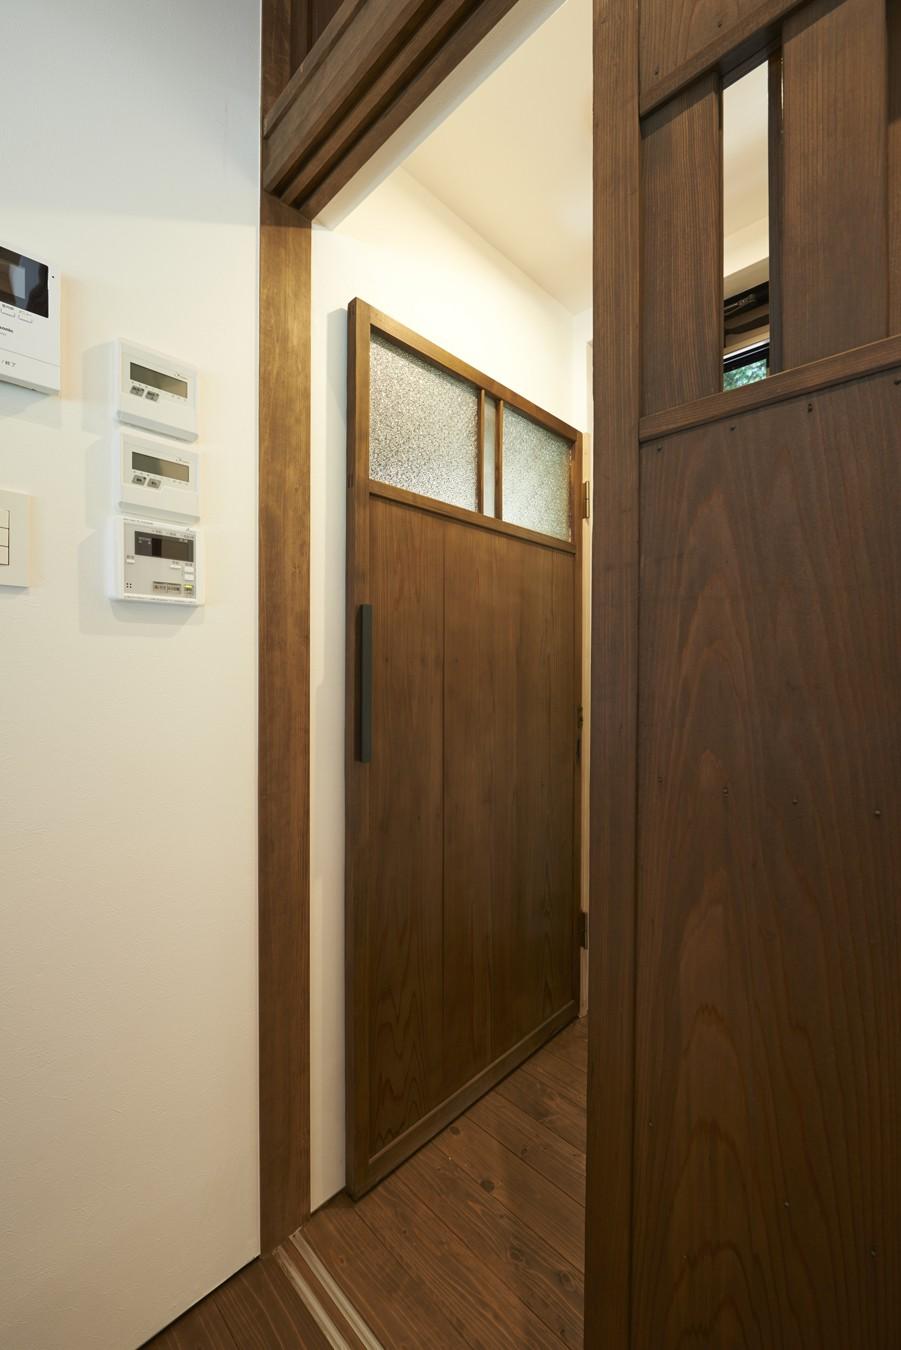 稲村ヶ崎の住宅 - 建物と自然からうまれる平屋中庭住宅 - (トイレドア)